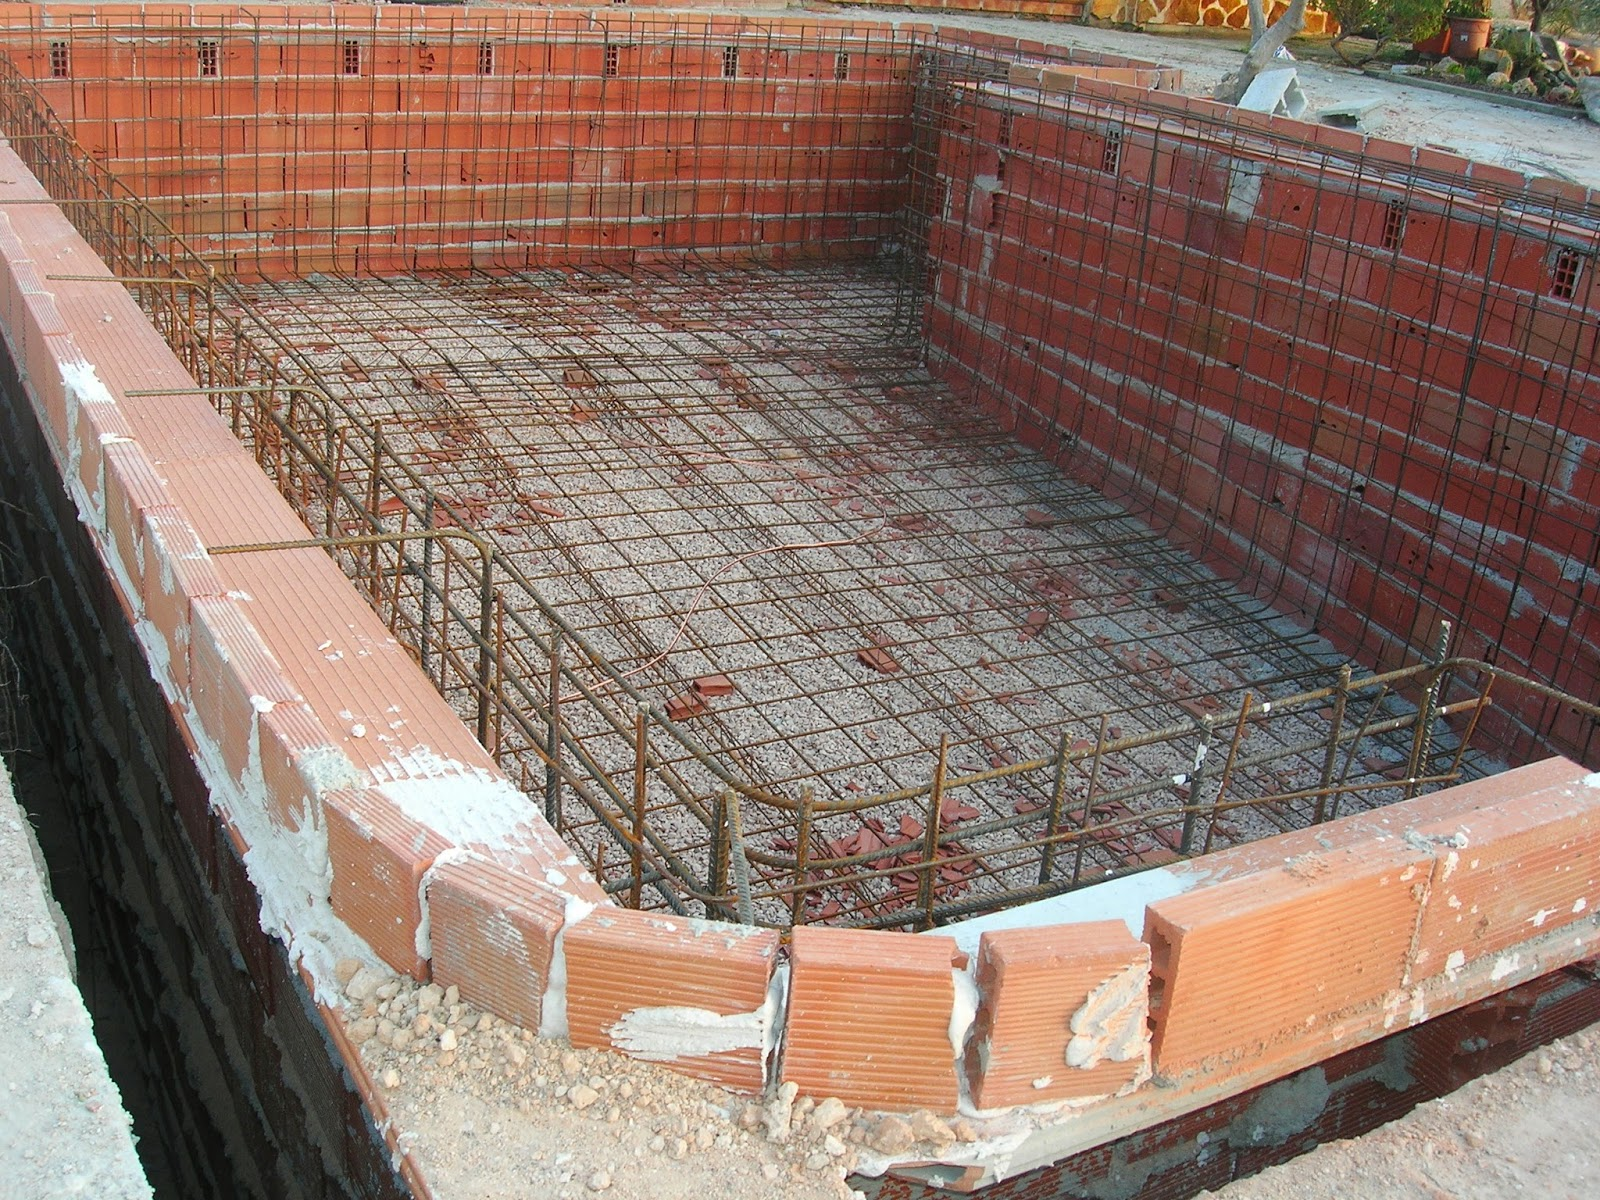 Construide ejecuci n de una piscina proceso y ejemplo for Construccion de piscinas con ladrillos